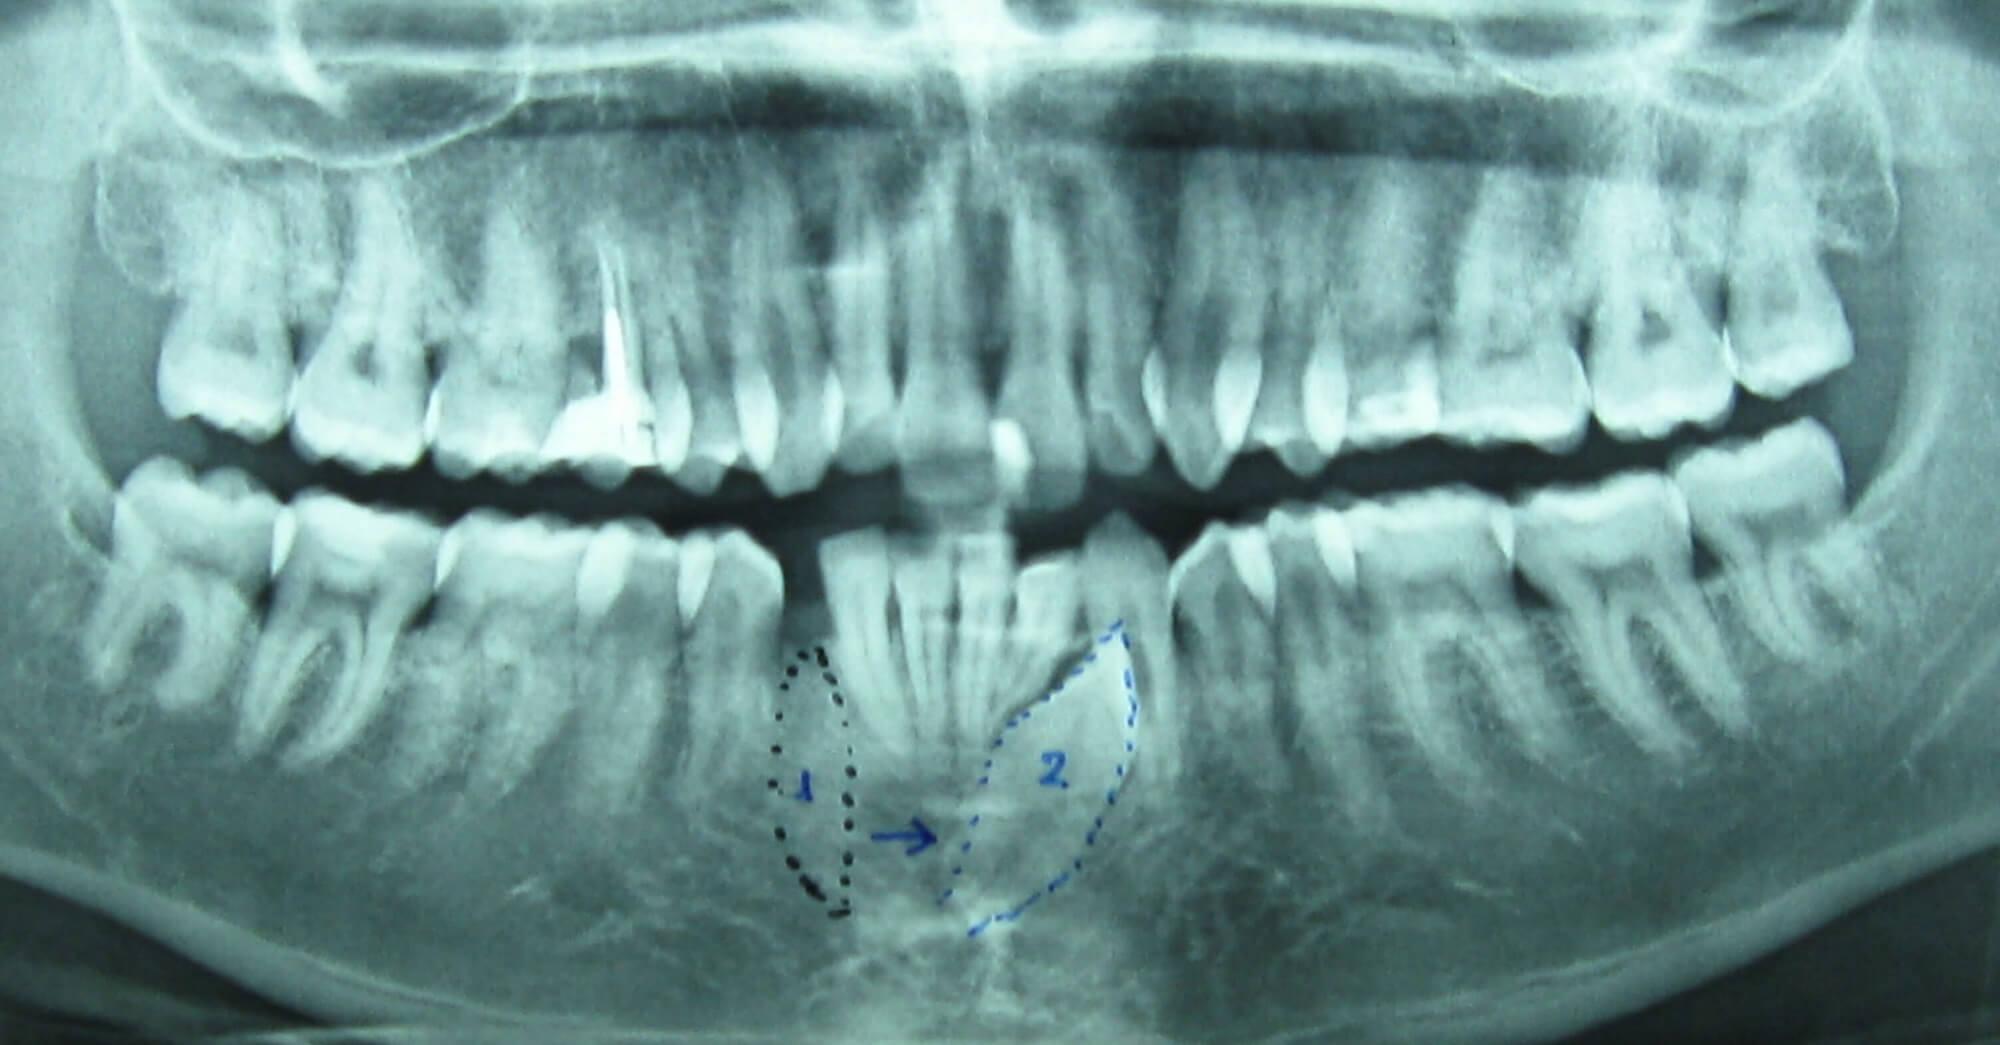 Εξαγωγή έγκλειστου κυνόδοντα - Οδοντίατρος Κατερίνη